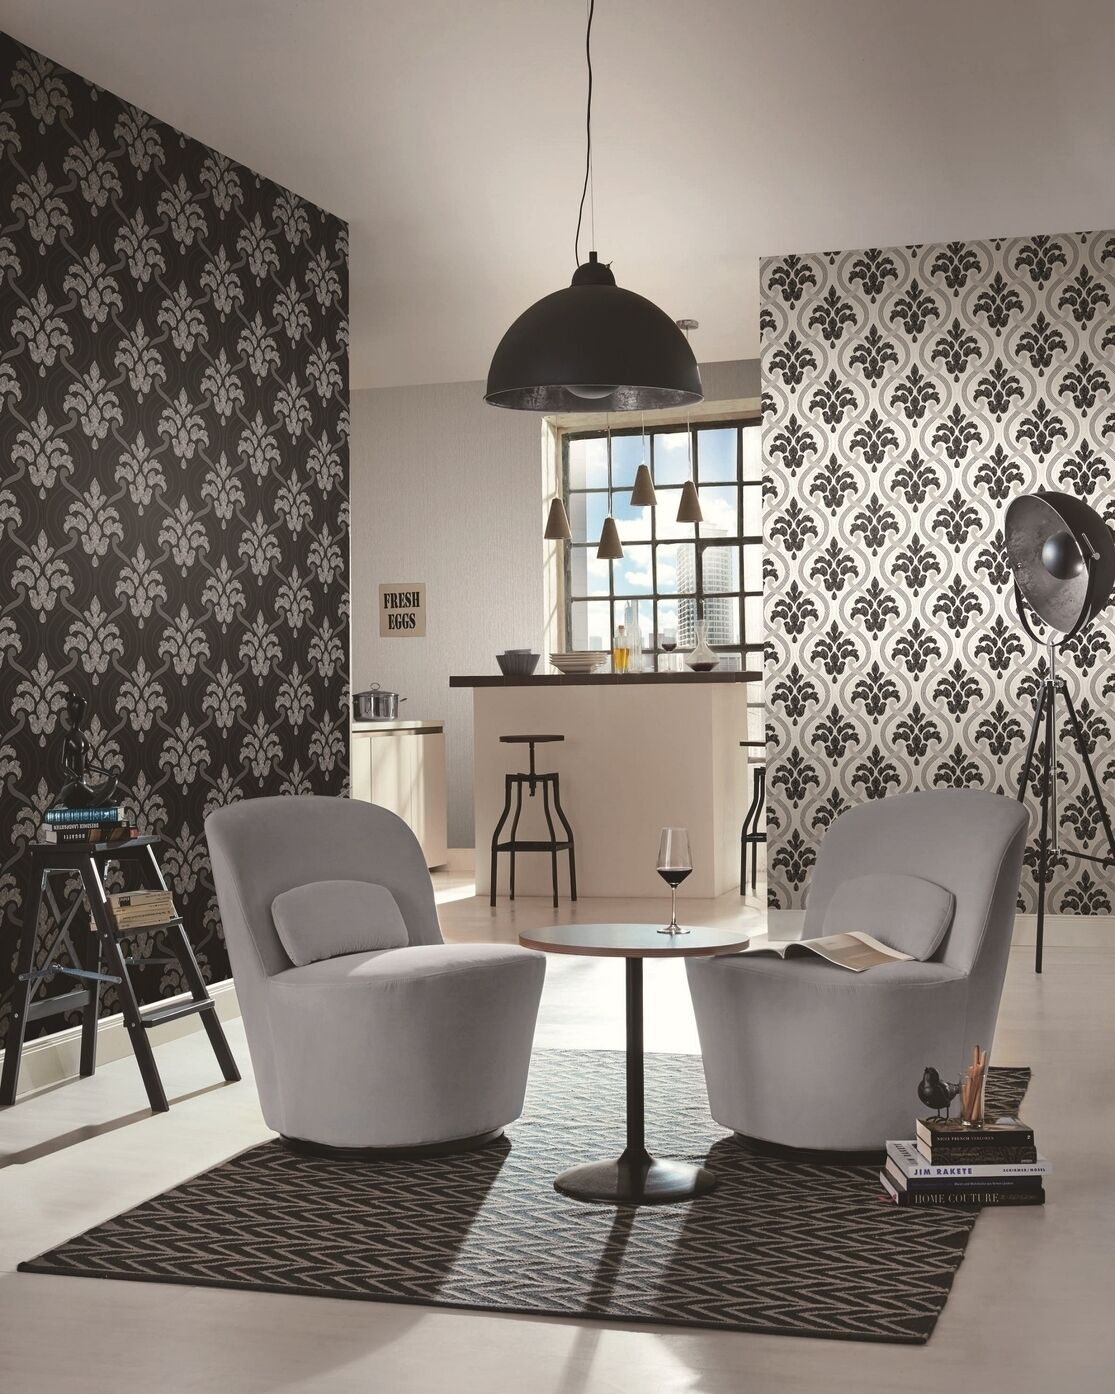 Vlies Tapete Barock Muster Ornament Schwarz Weiß Metallic Glitzer